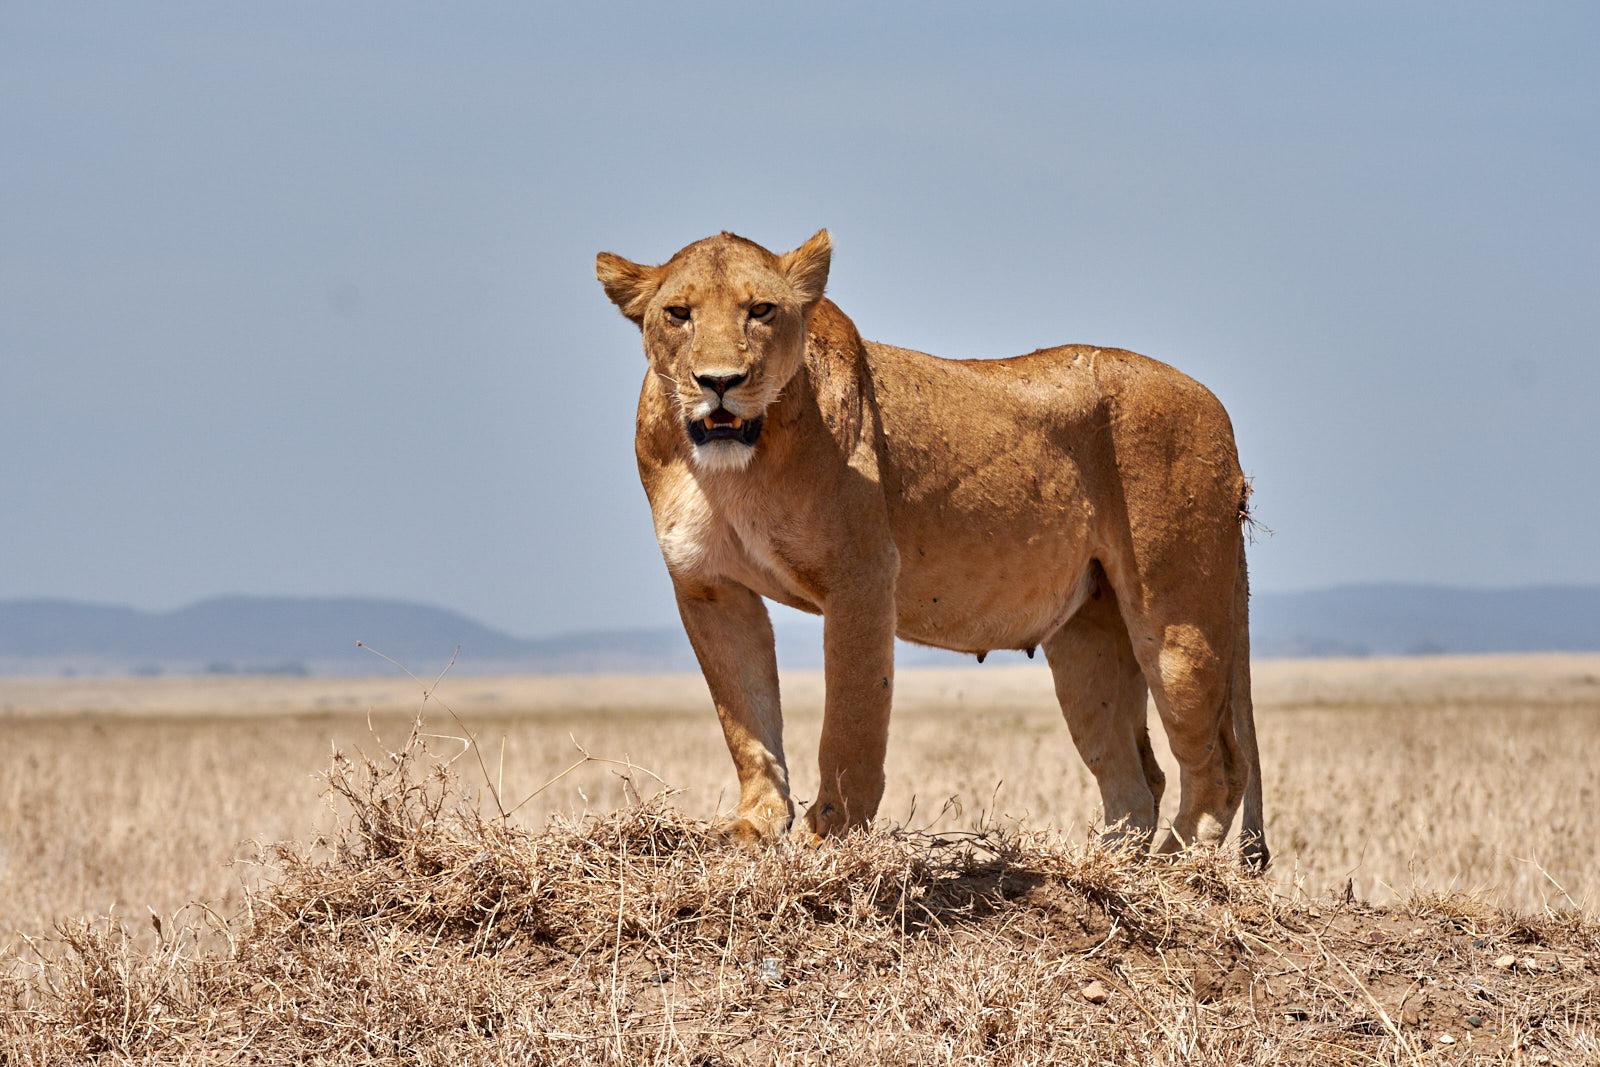 Löwenmutter am Straßenrand